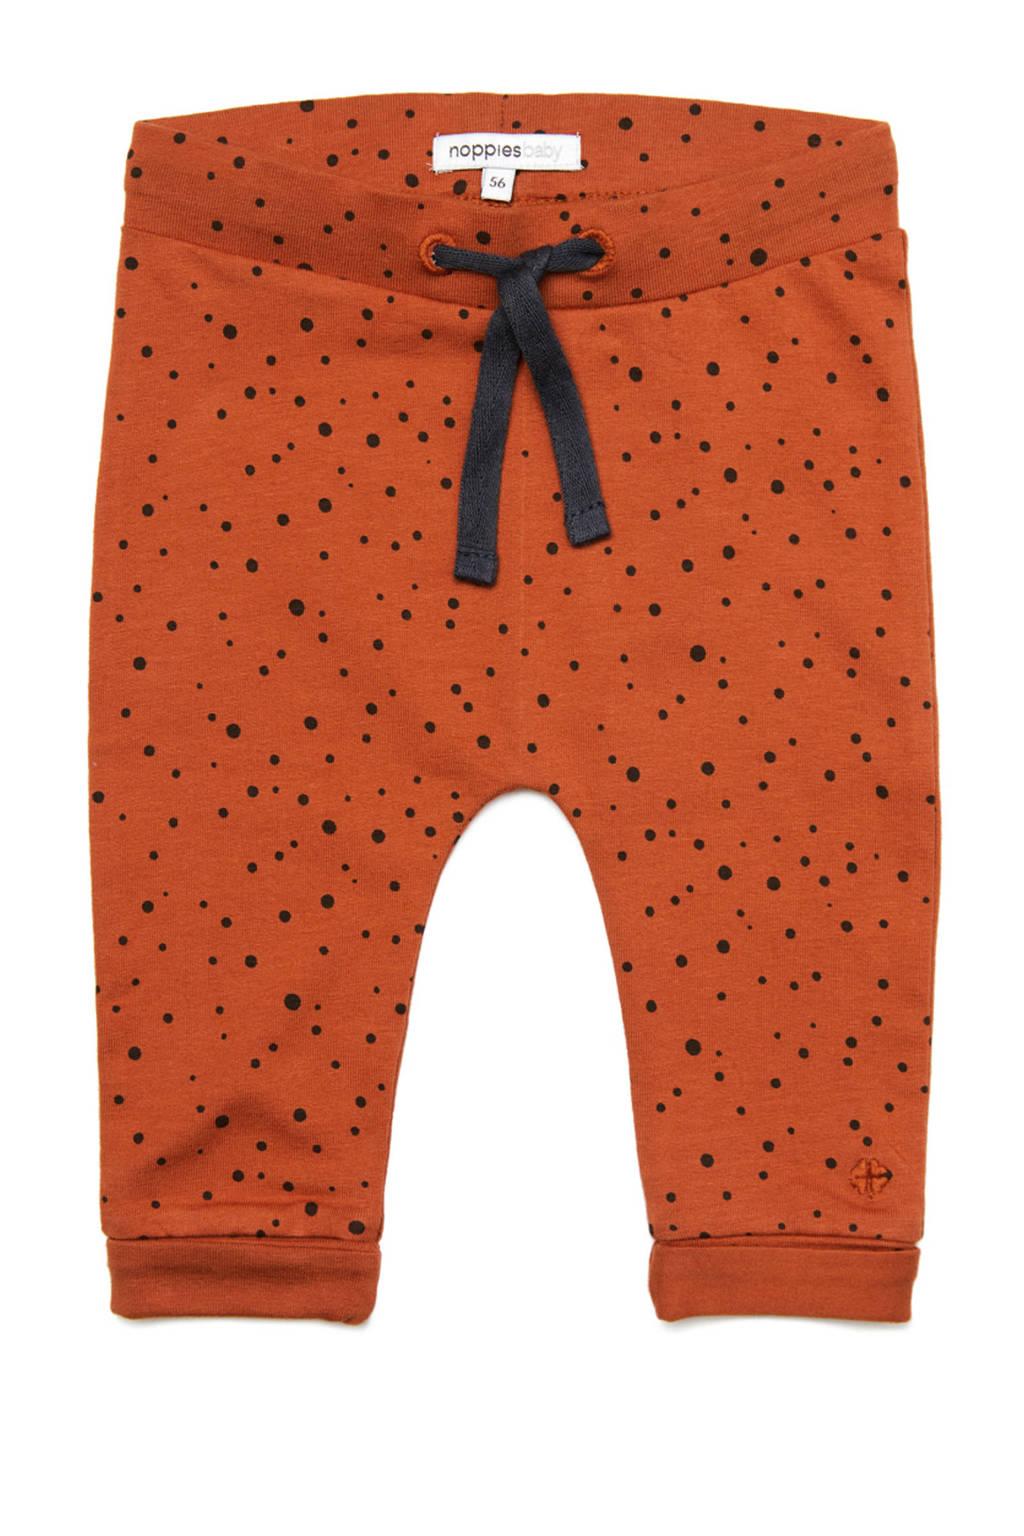 Noppies broek met stippen roodbruin/zwart, Spicy Ginger-P557